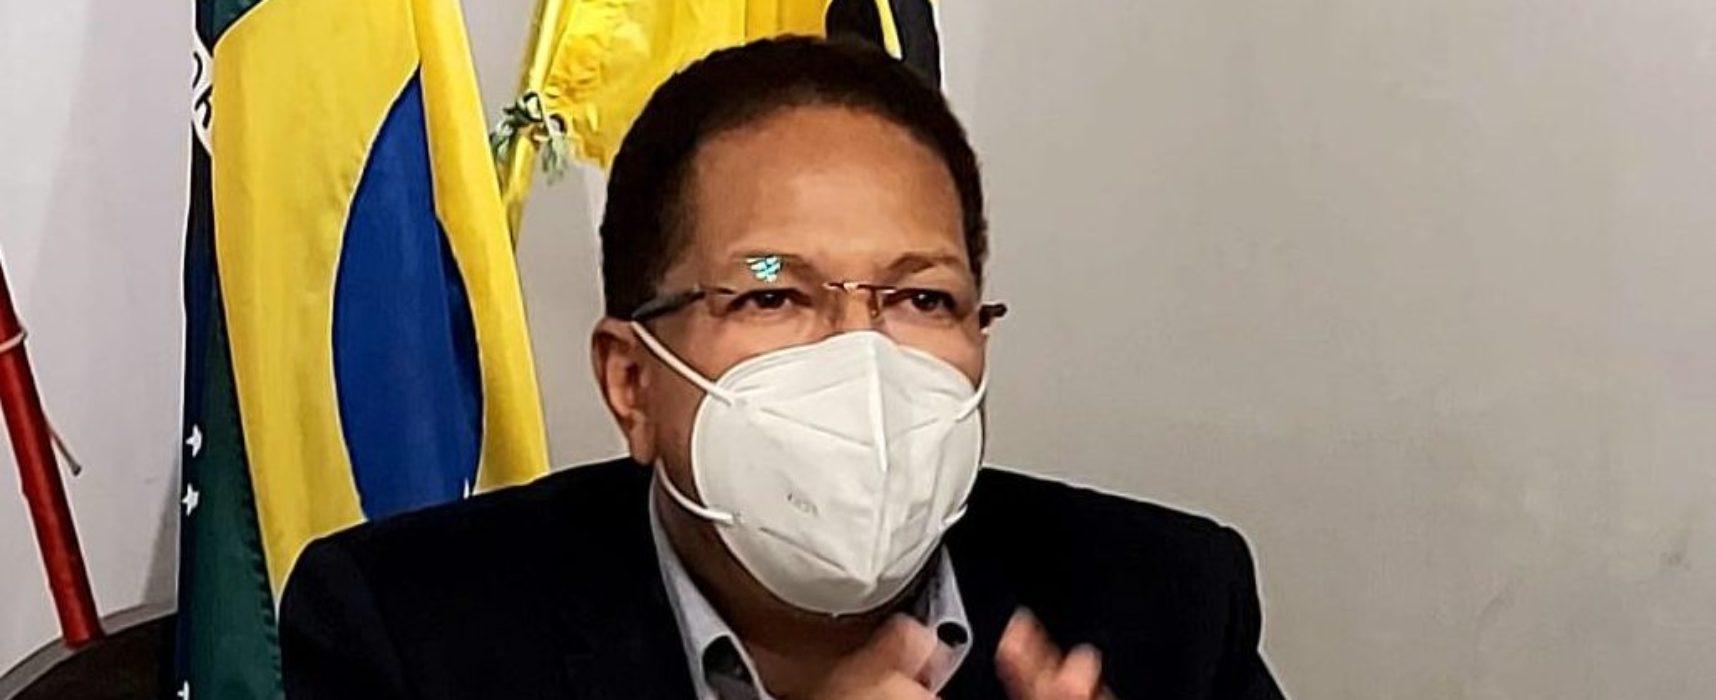 Prefeito Augusto Castro sanciona Lei que institui Auxílio Emergencial para baixa renda em Itabuna